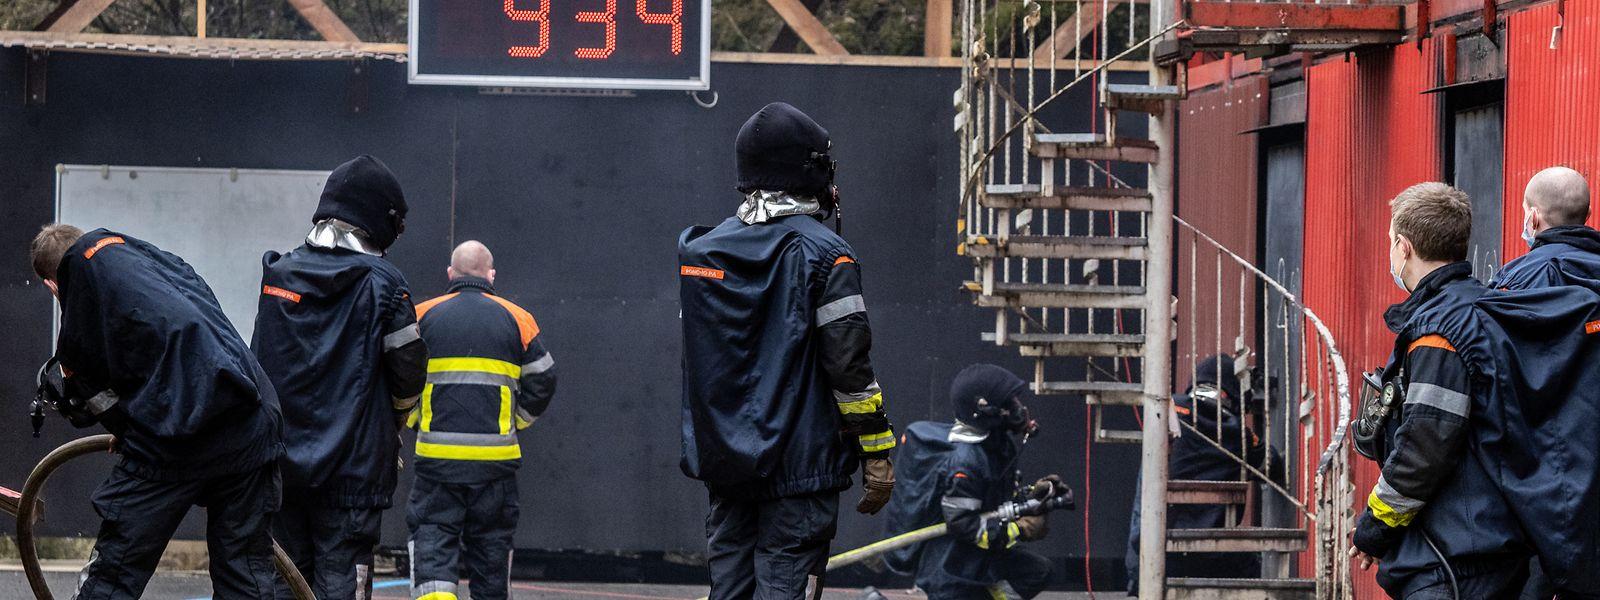 In den verrauchten Containern üben die Feuerwehrleute in Zweier-Teams mit je einem Trainer.